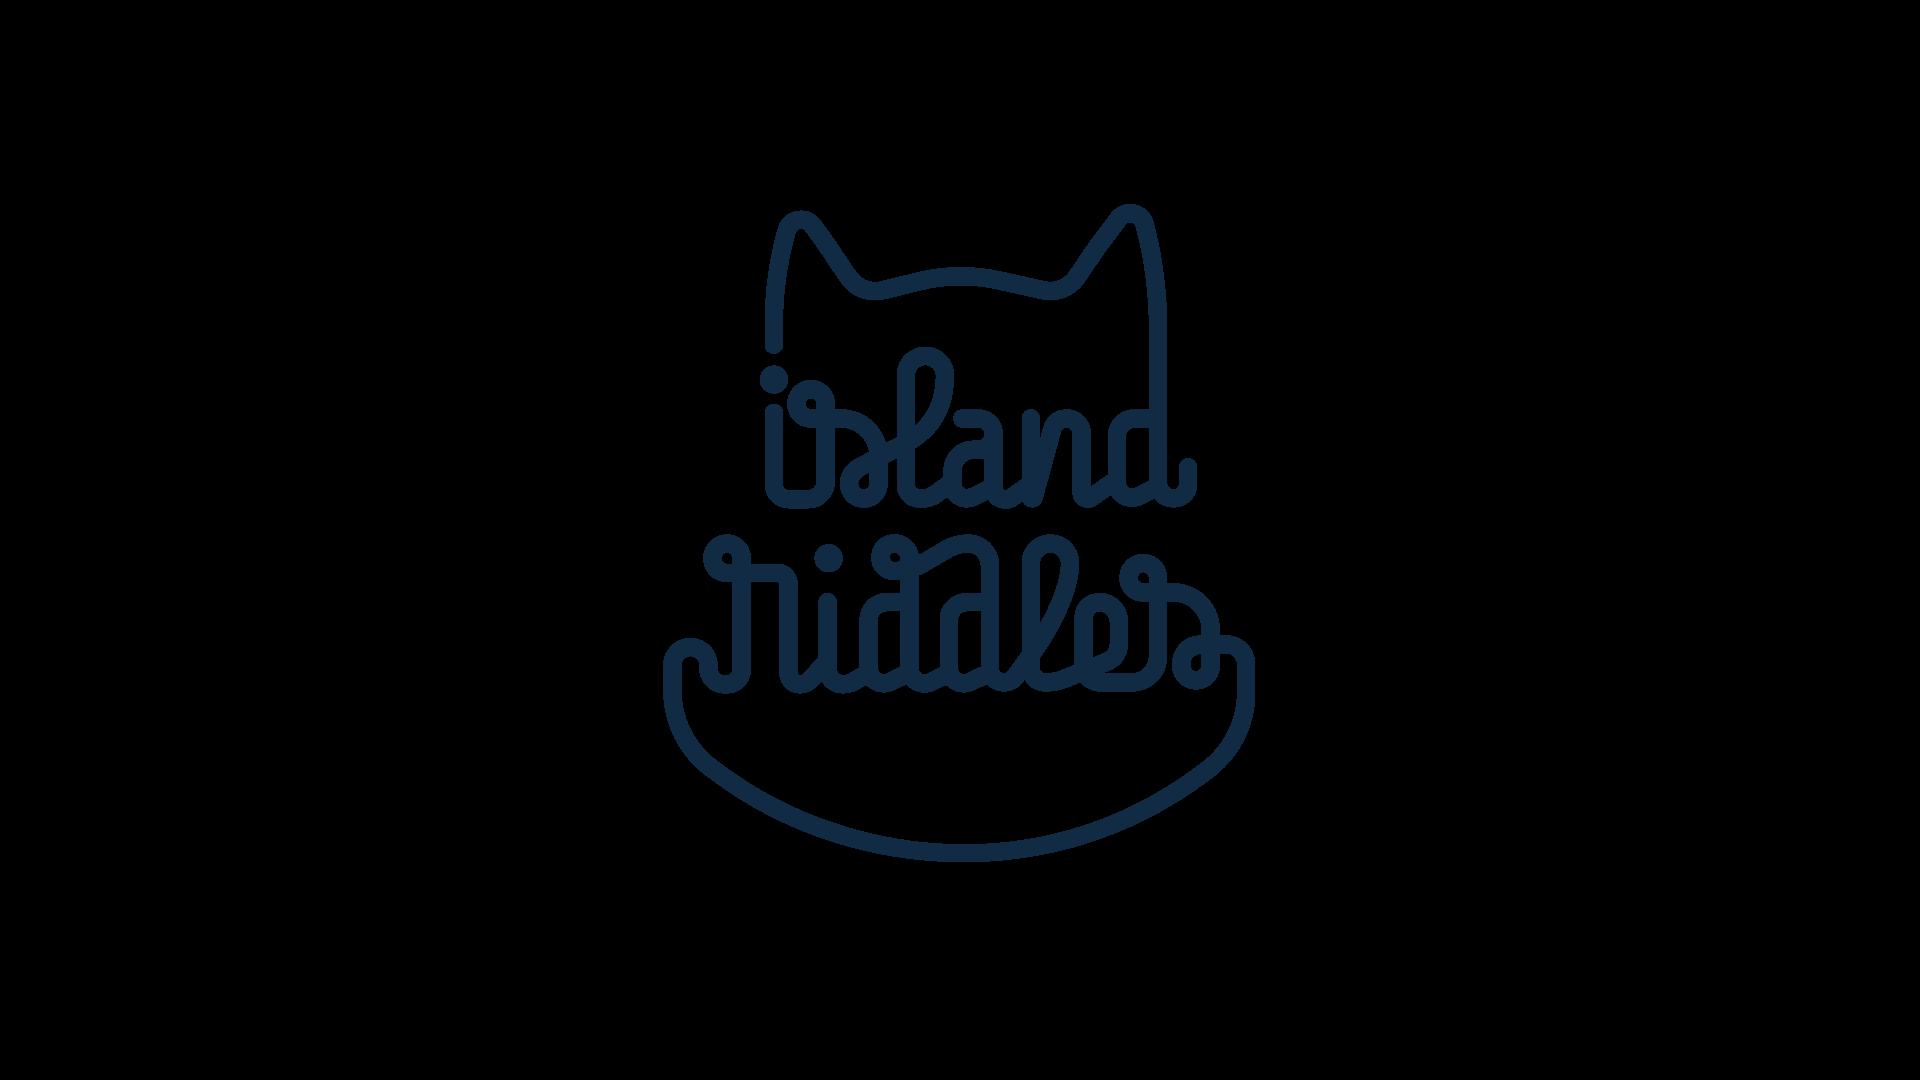 IslandRiddles_tunnus_sininen_v001